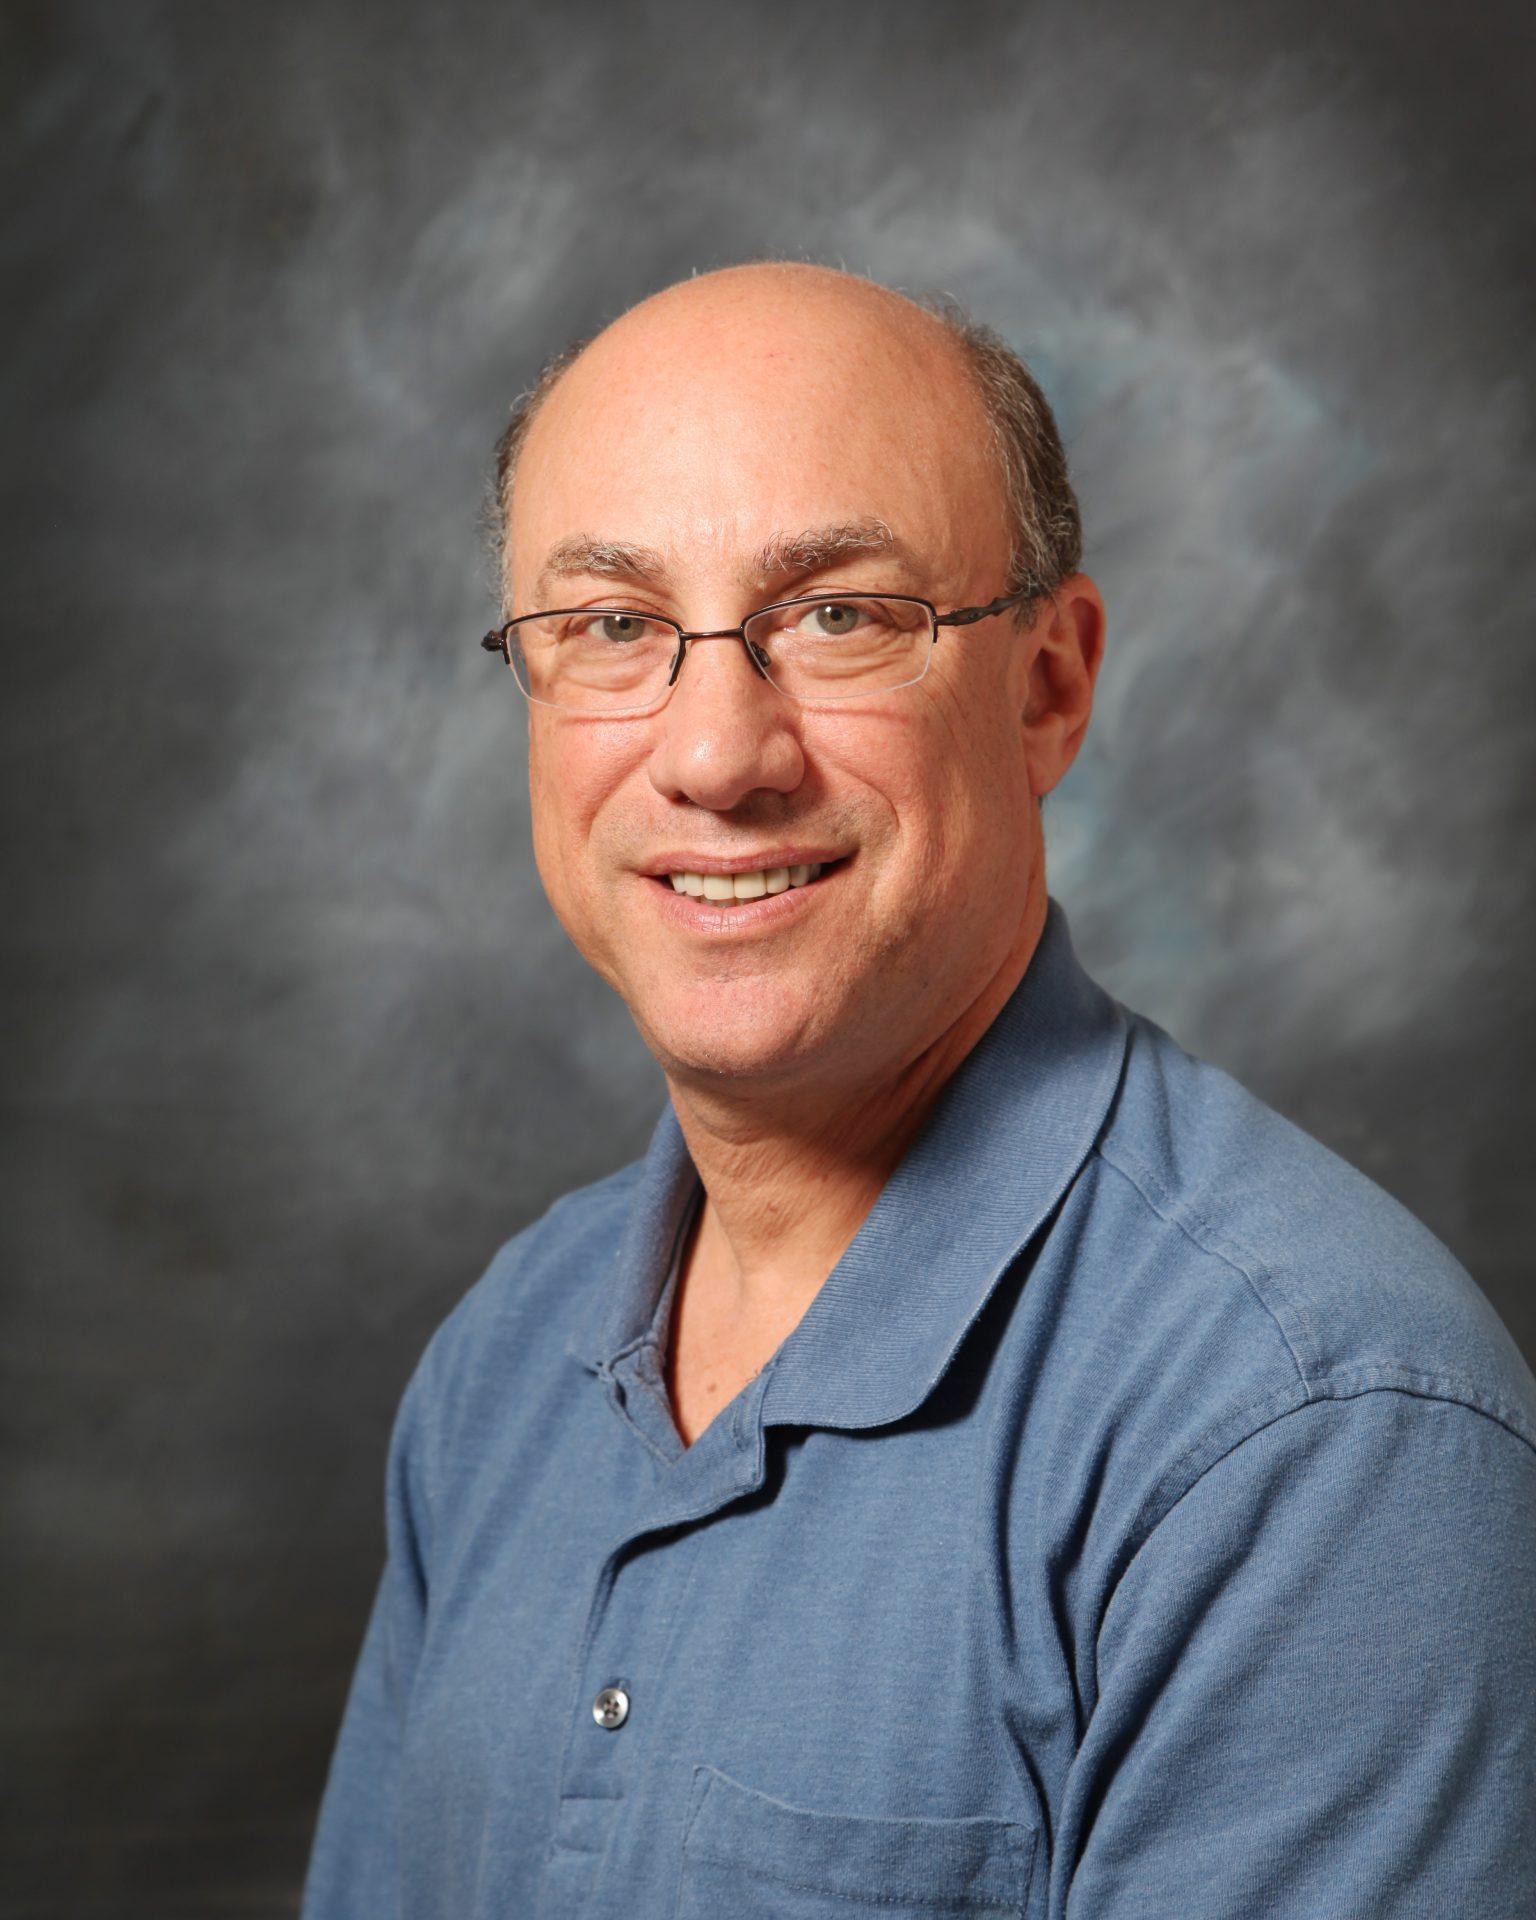 David Schneider Net Worth